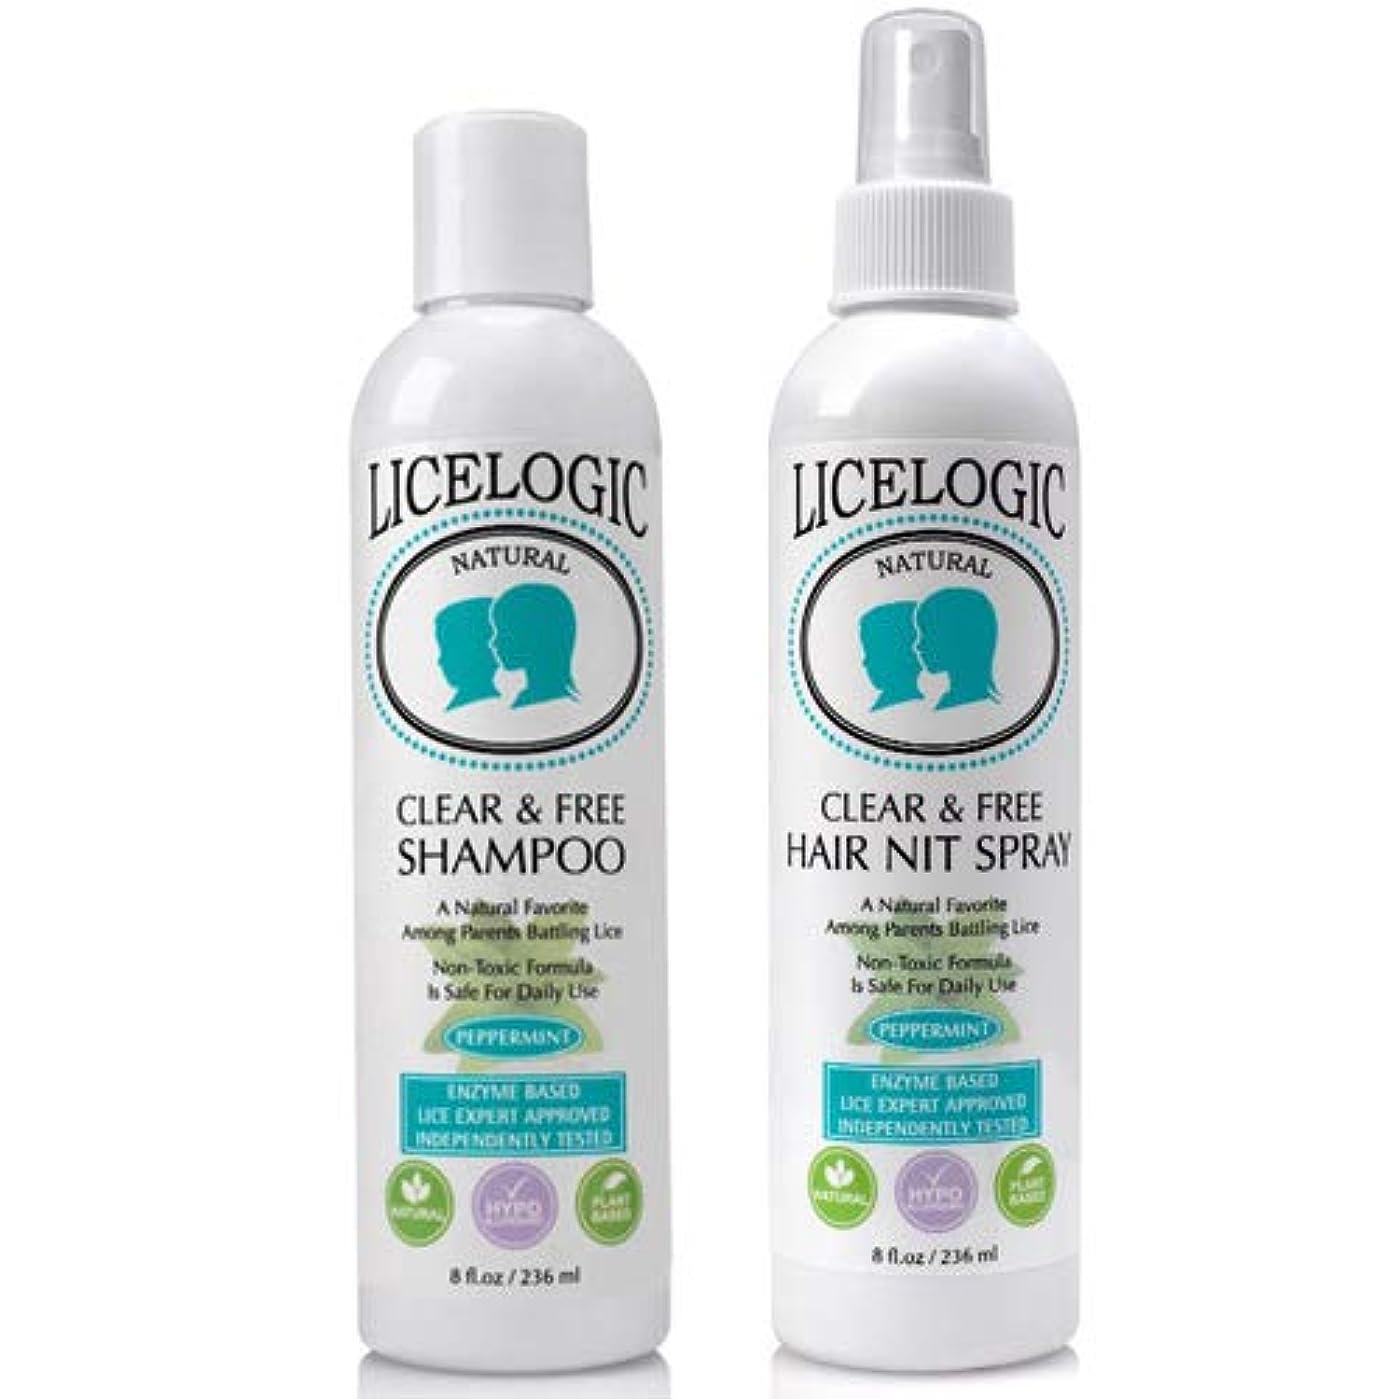 Lice Logic 植物由来の高濃度ブレンド酵素配合 Clear and Free シャンプー ヘアニットスプレー 2点セット(ペパーミント)各236ml